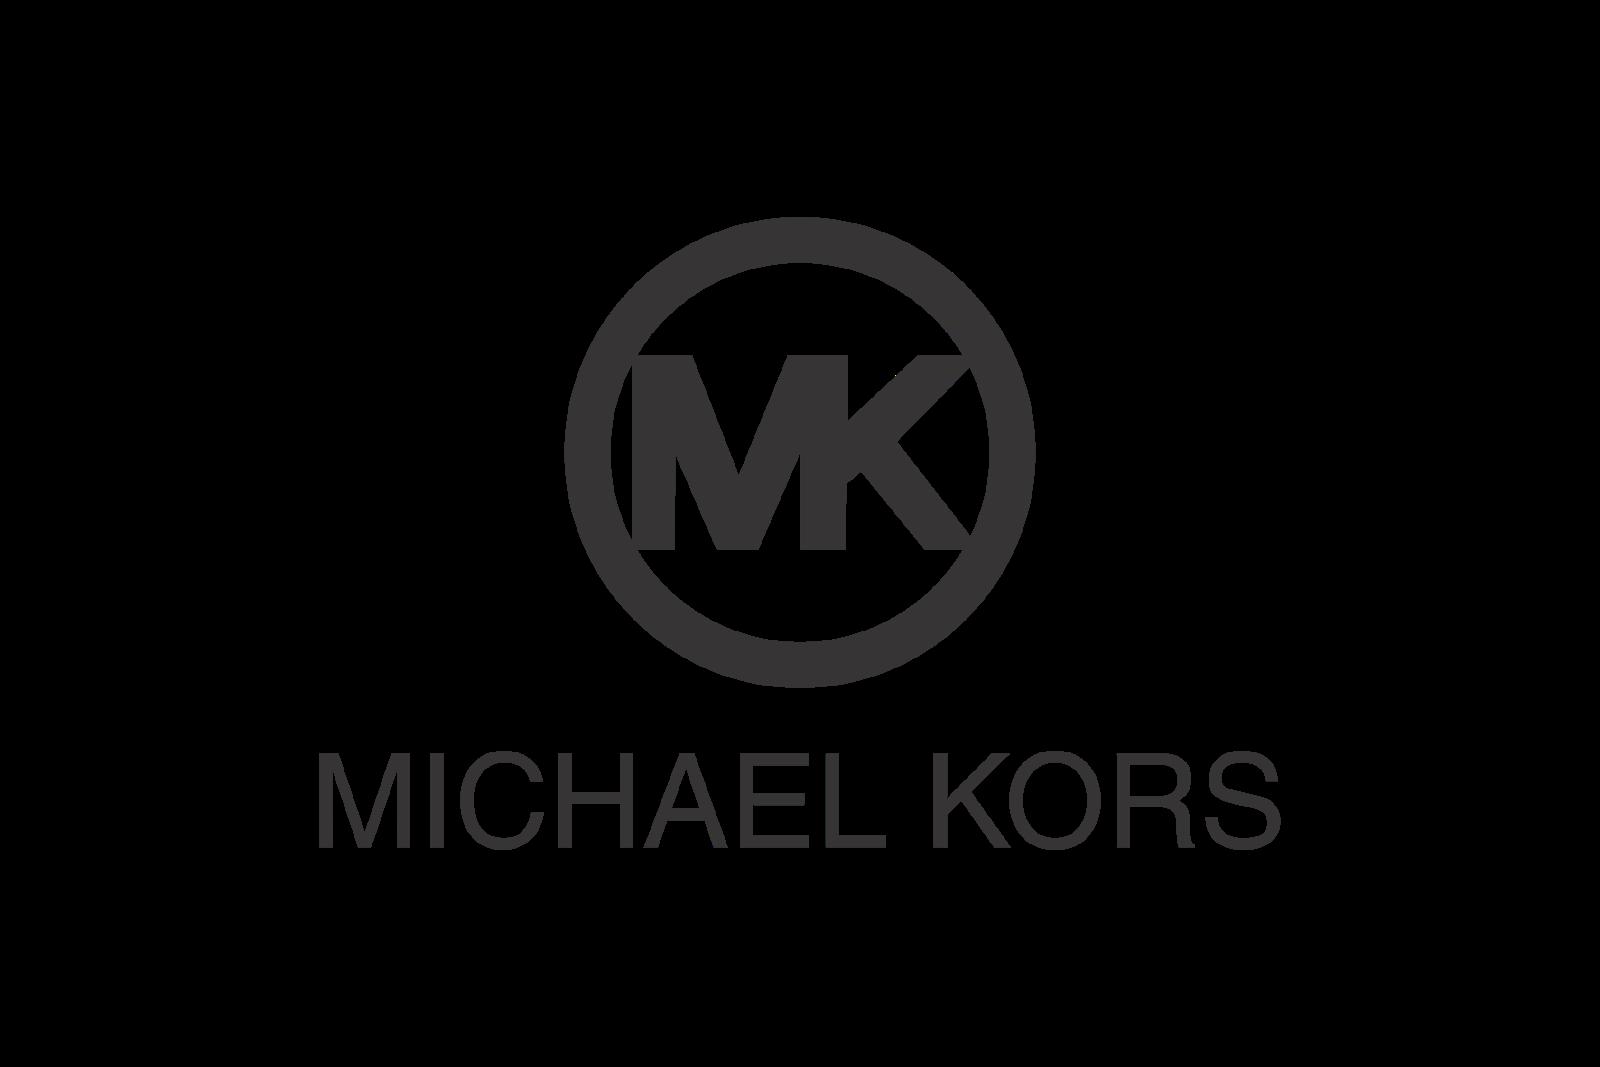 Si eres un amante de la moda no podrás salir a la calle sin tu Michael Kors:  las últimas tendencias en piezas modernas y duraderas.